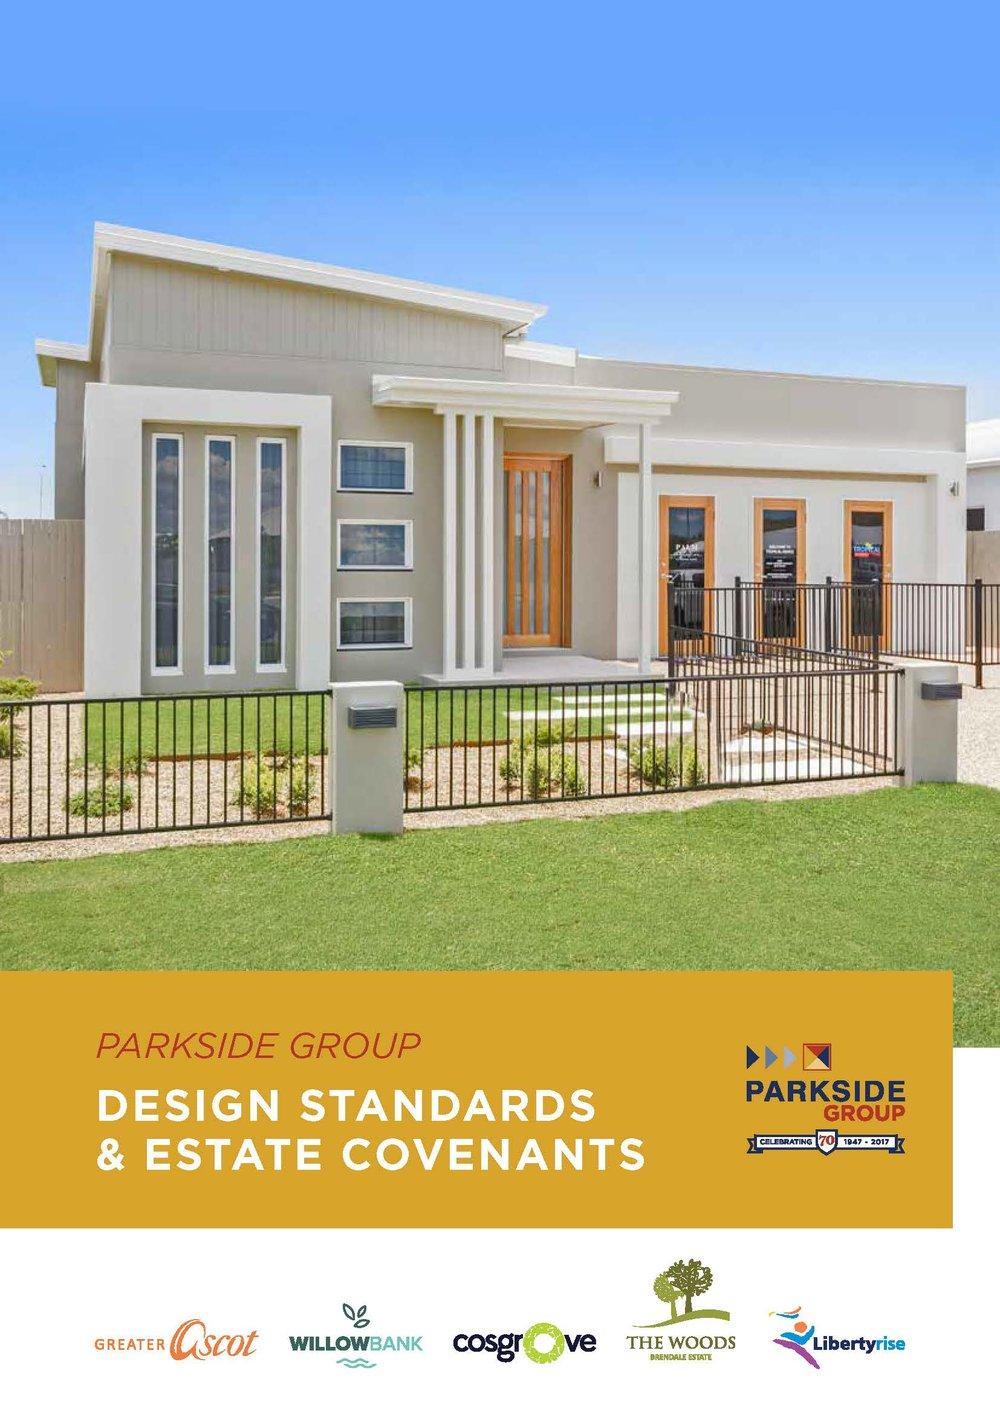 parkside estate covenants -